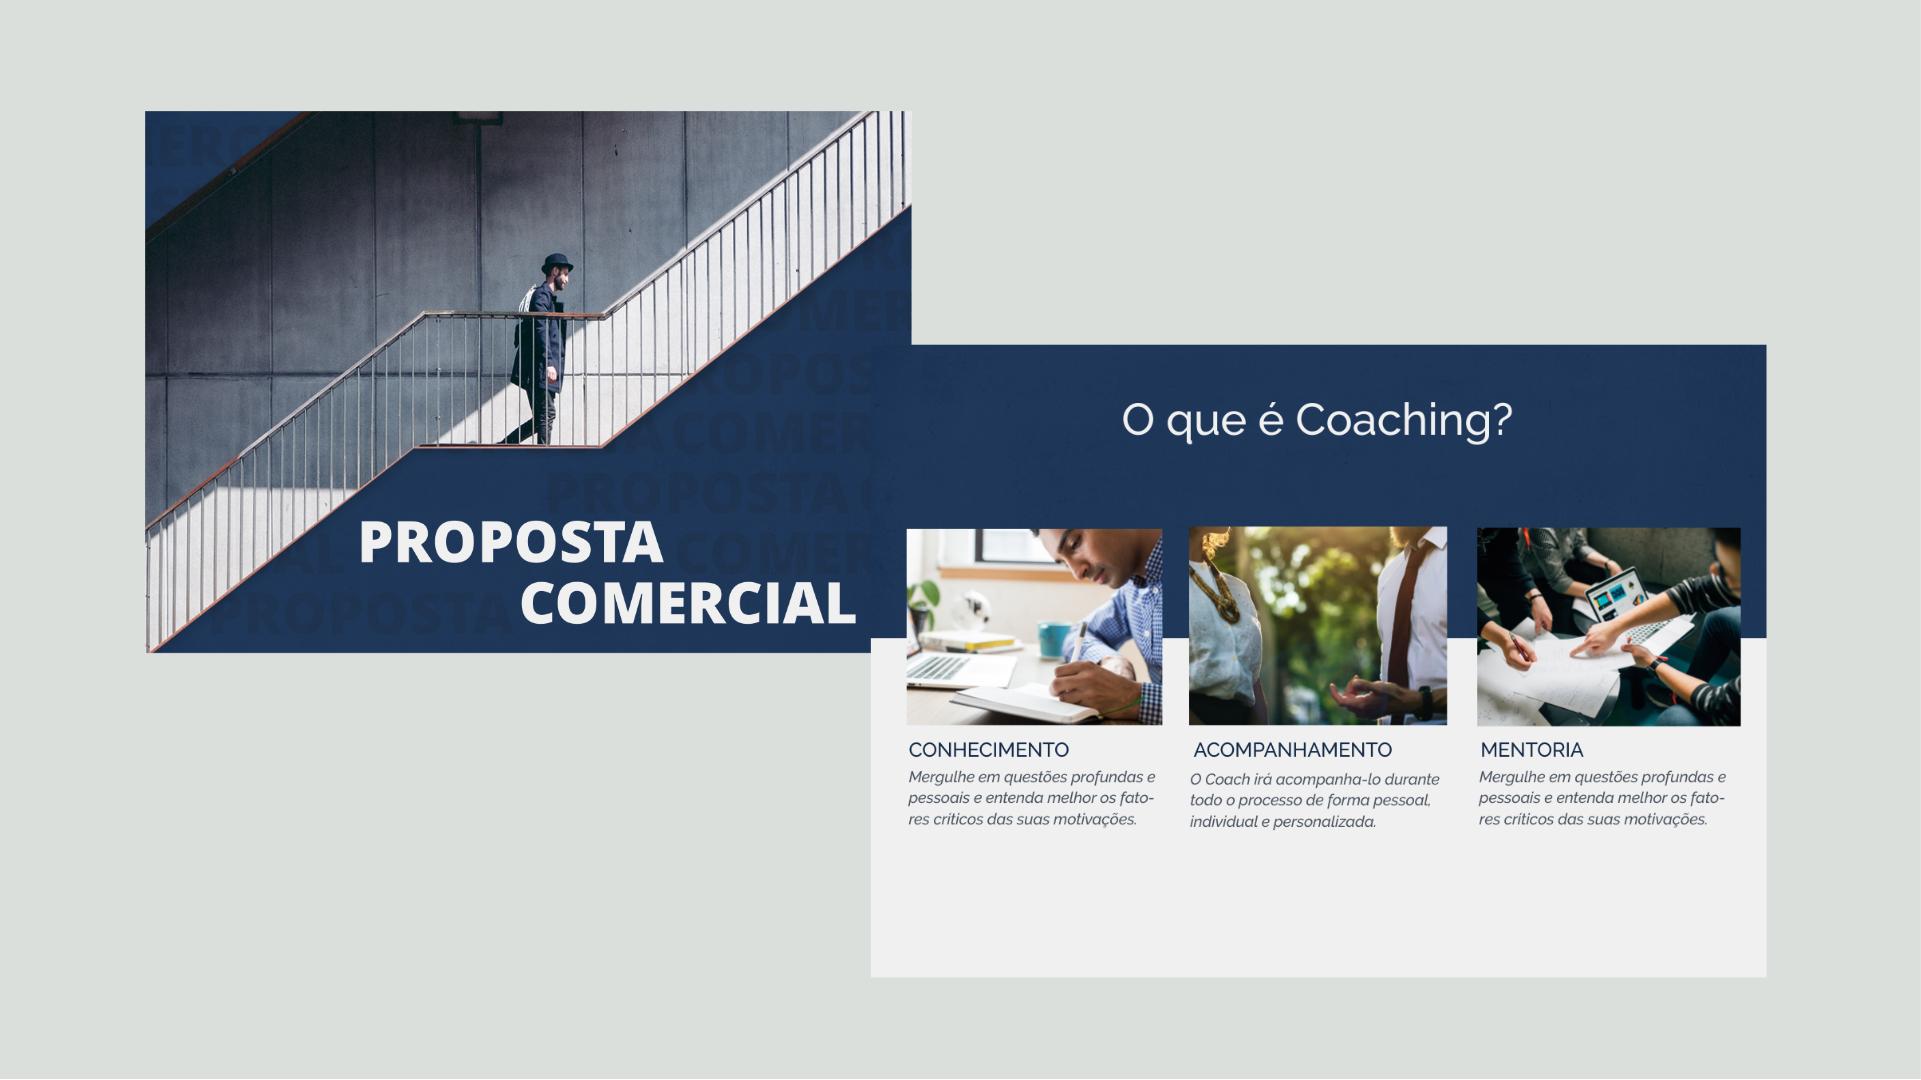 5277525 - Propostas para Coaching: 5 modelos inspiradores